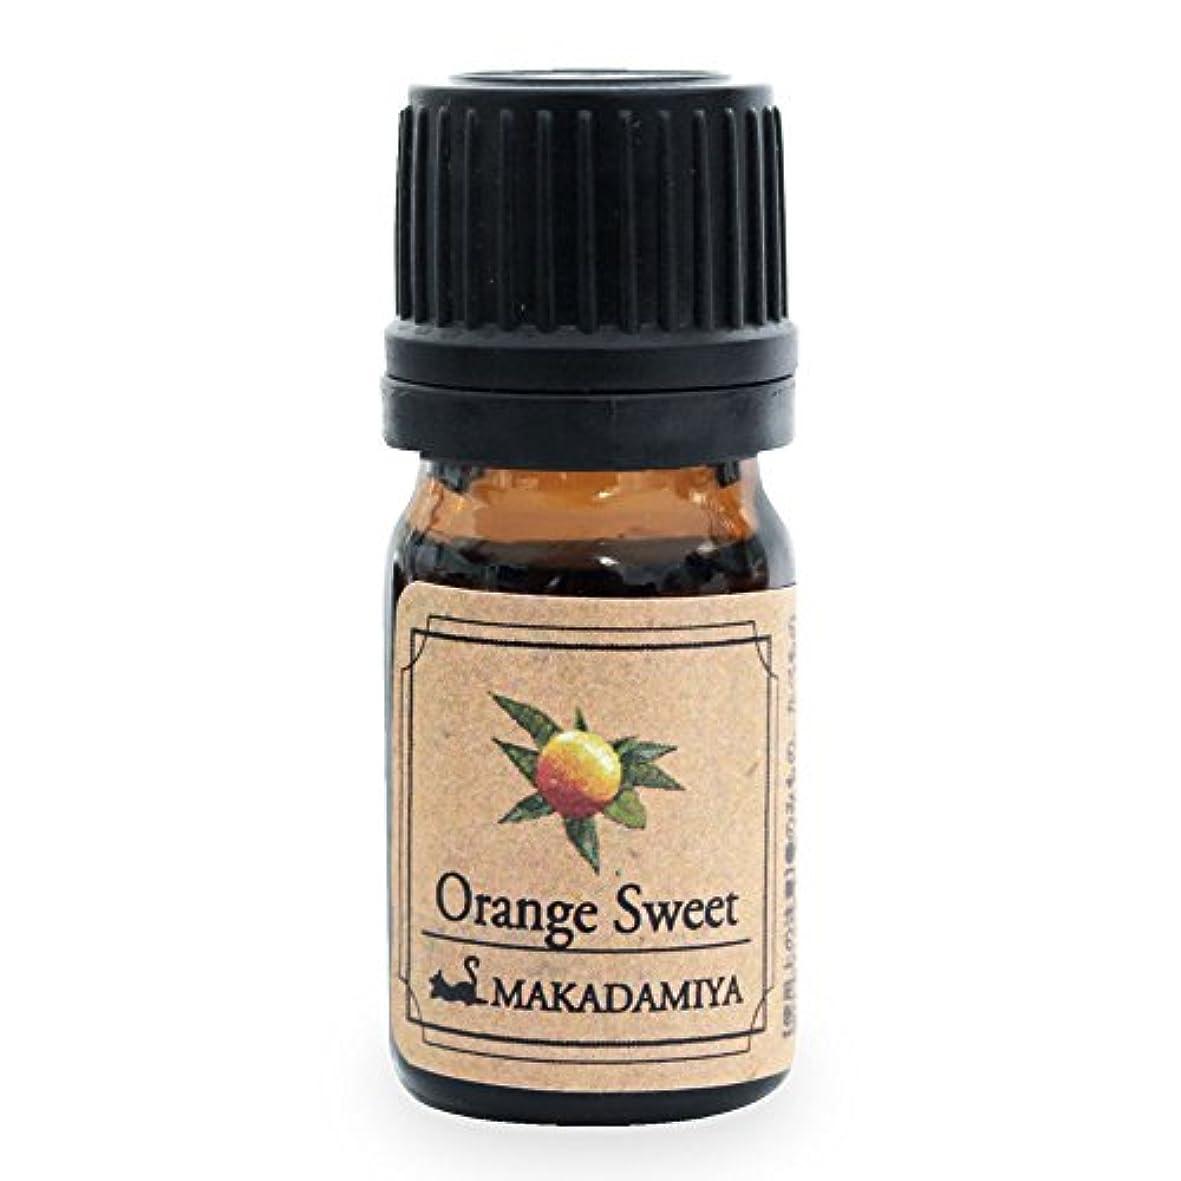 グリット痛み鎖オレンジ?スイート5ml 天然100%植物性 エッセンシャルオイル(精油) アロマオイル アロママッサージ aroma Orange Sweet